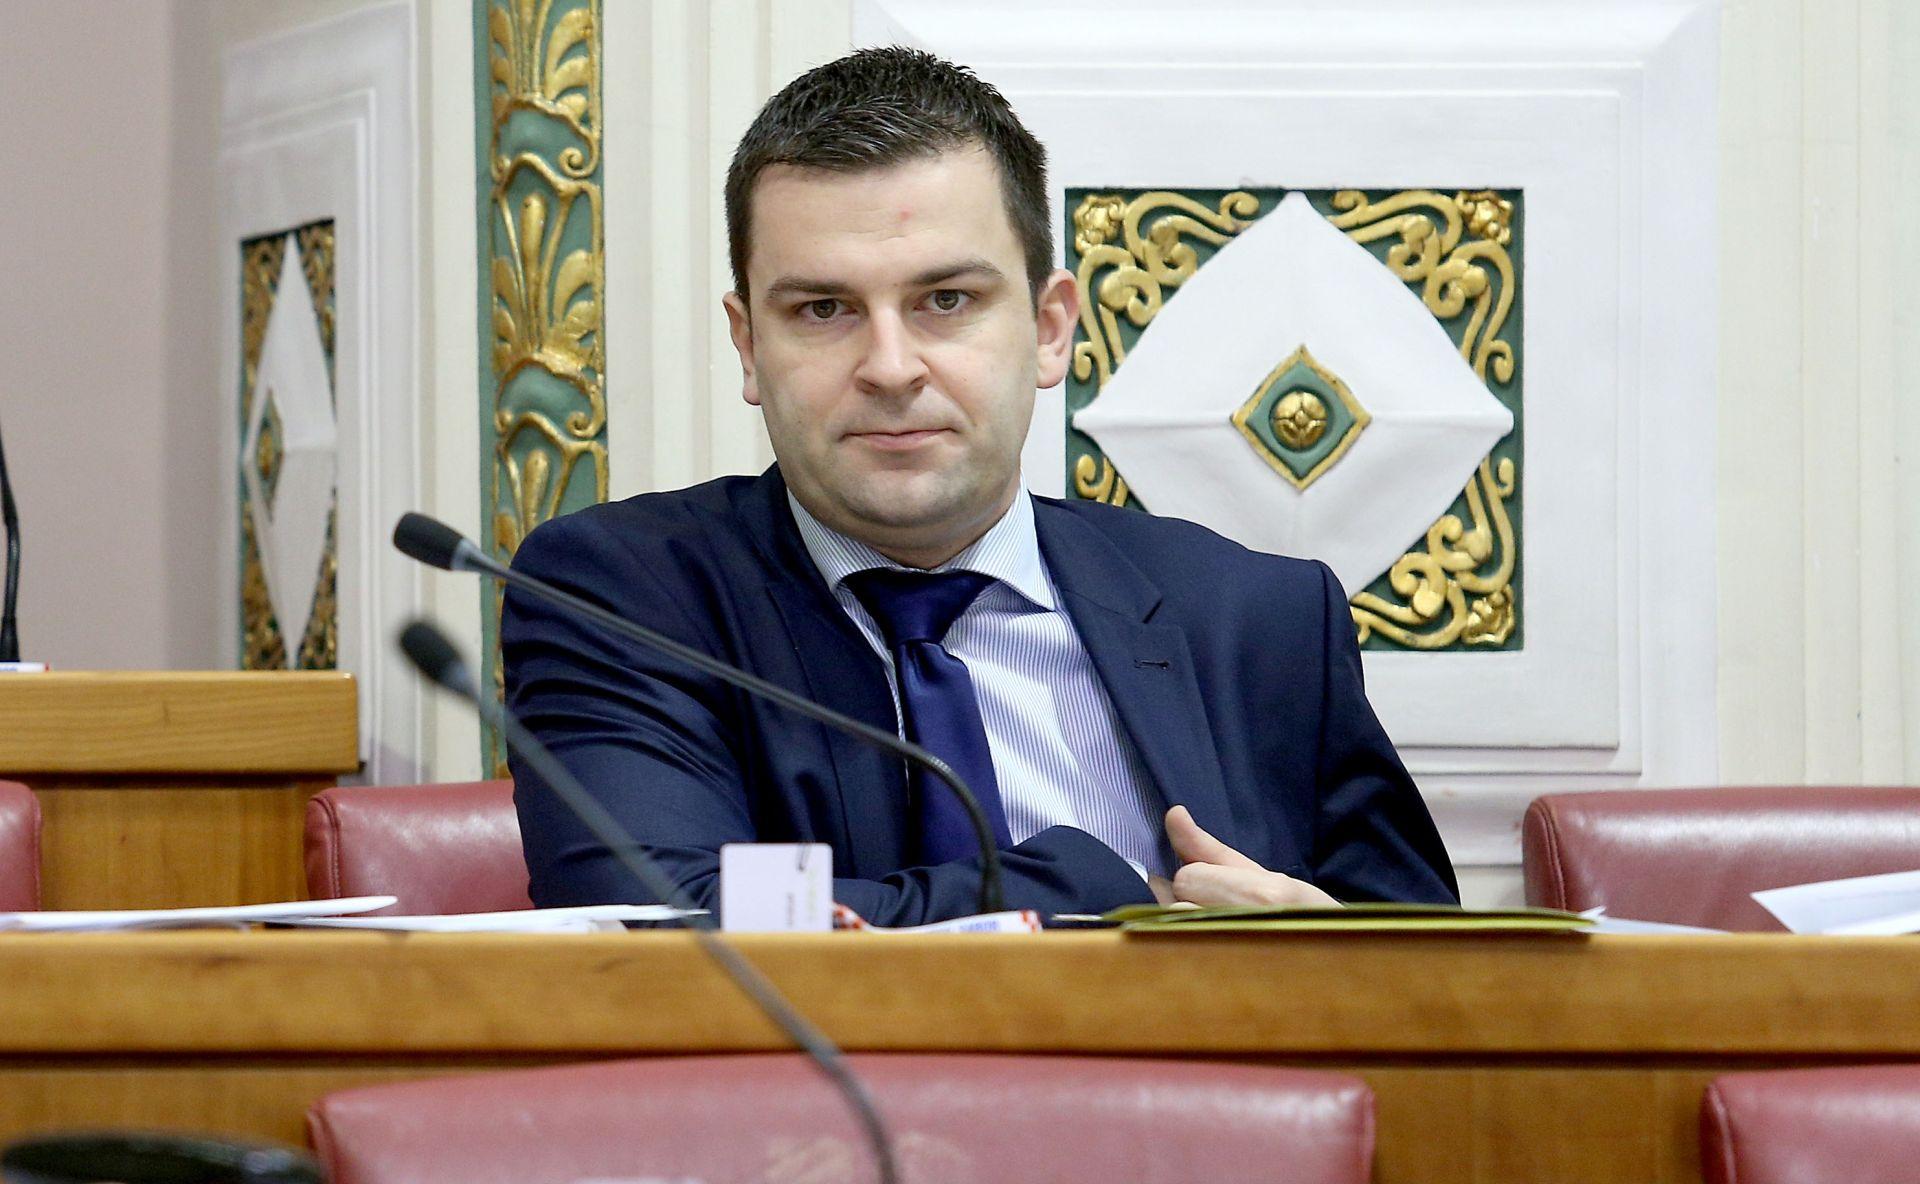 DARIO HREBAK: 'HSLS neće sudjelovati u preslagivanju gdje Bandić vodi glavnu riječ'